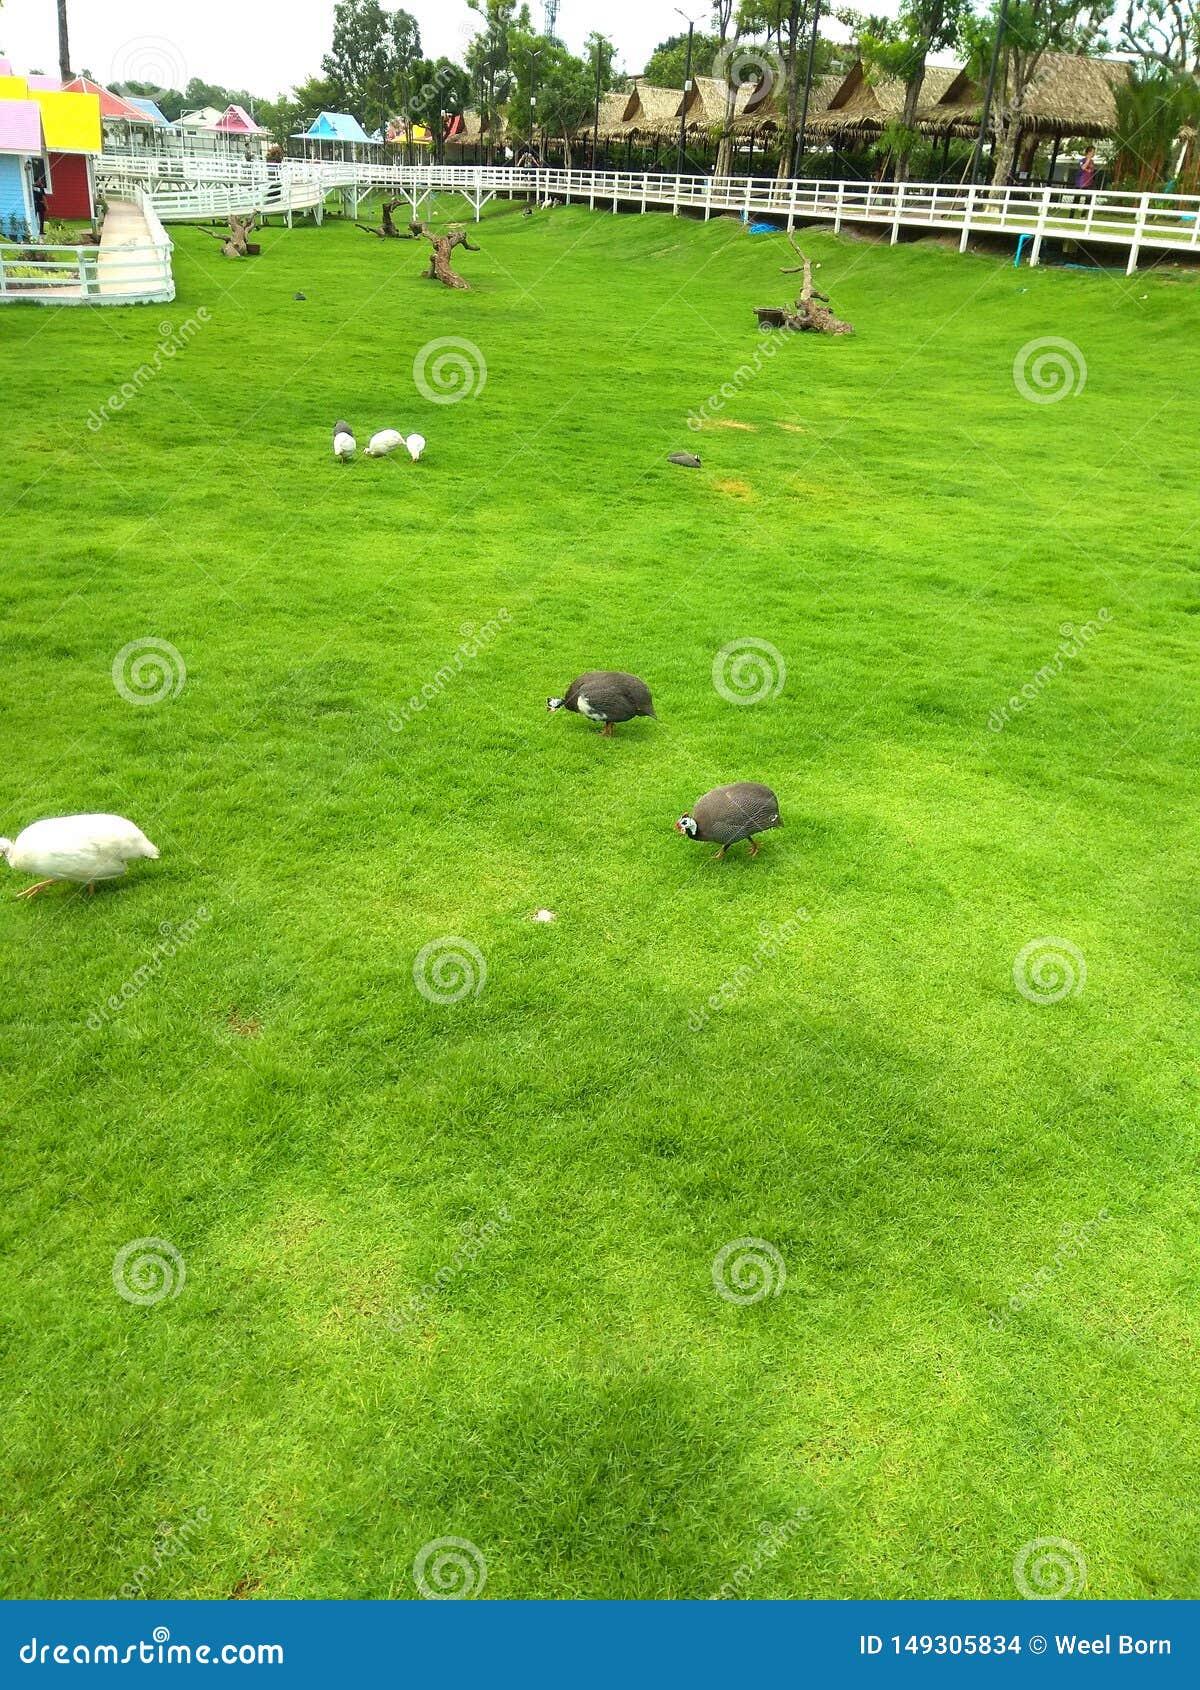 Coq dans le jardin